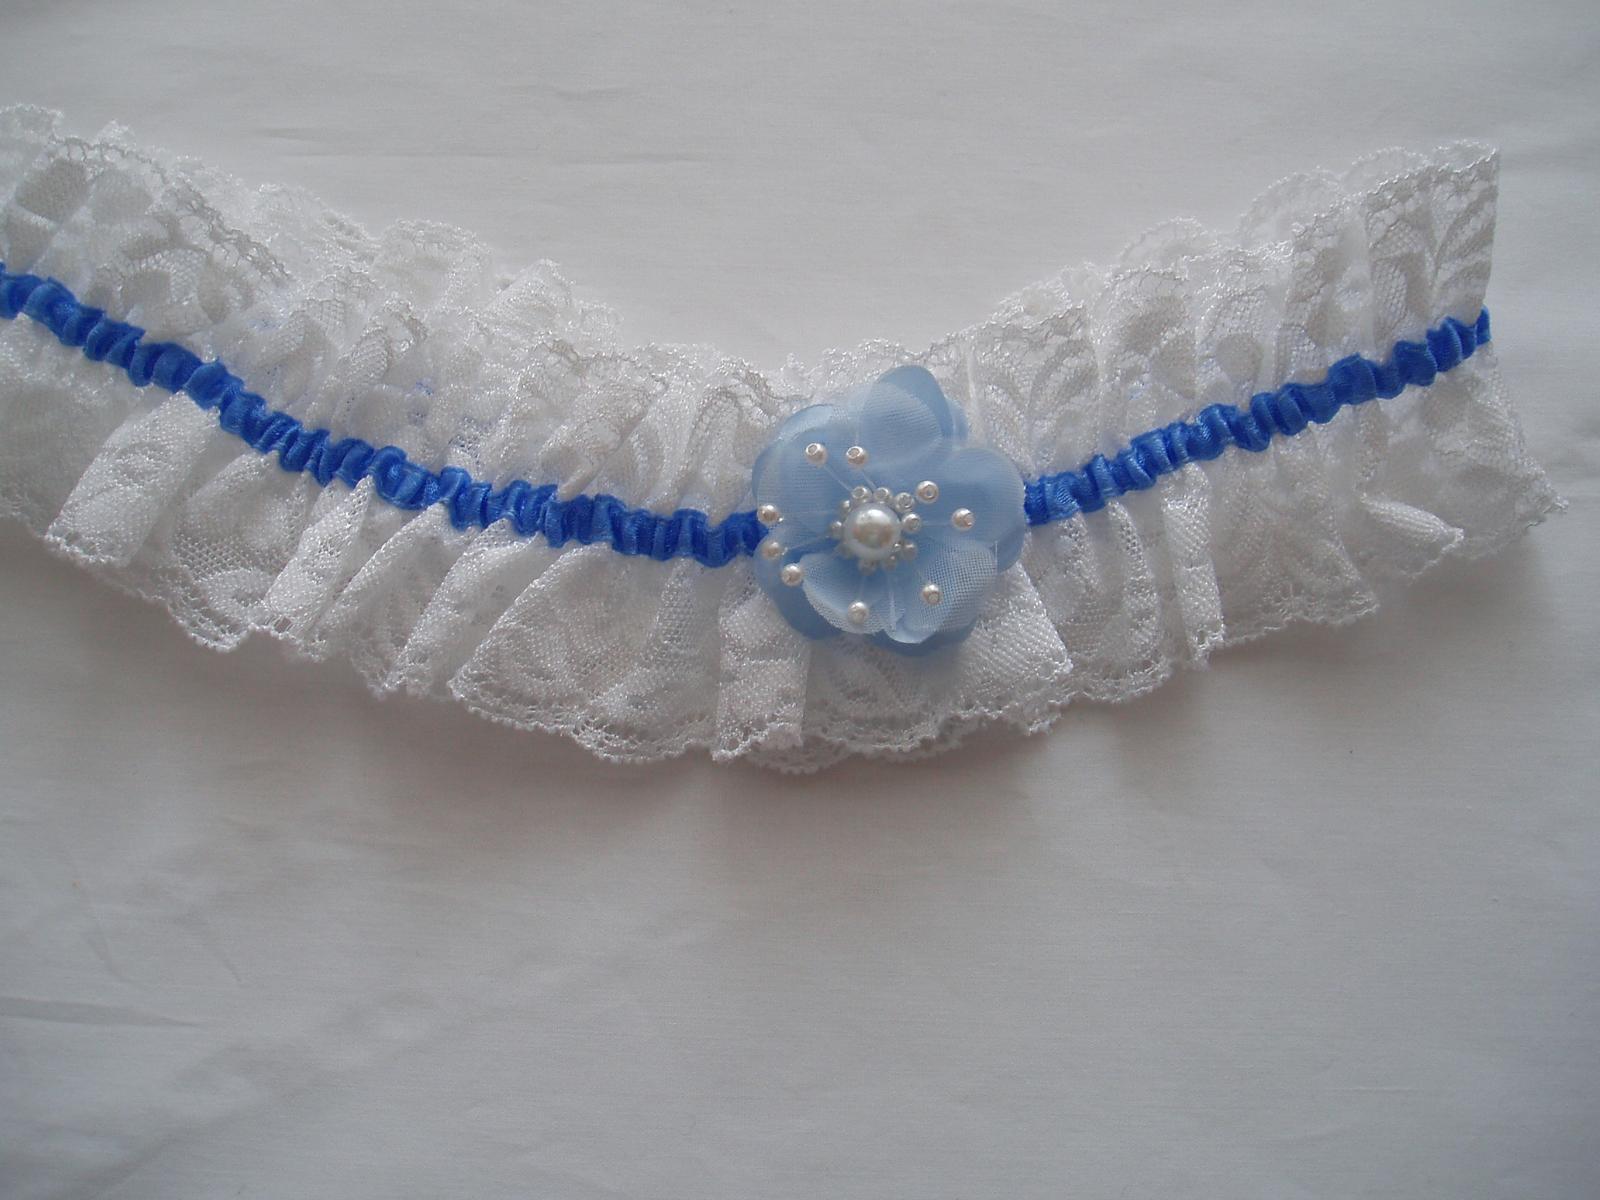 podvazek-modrý kvítek - Obrázek č. 2